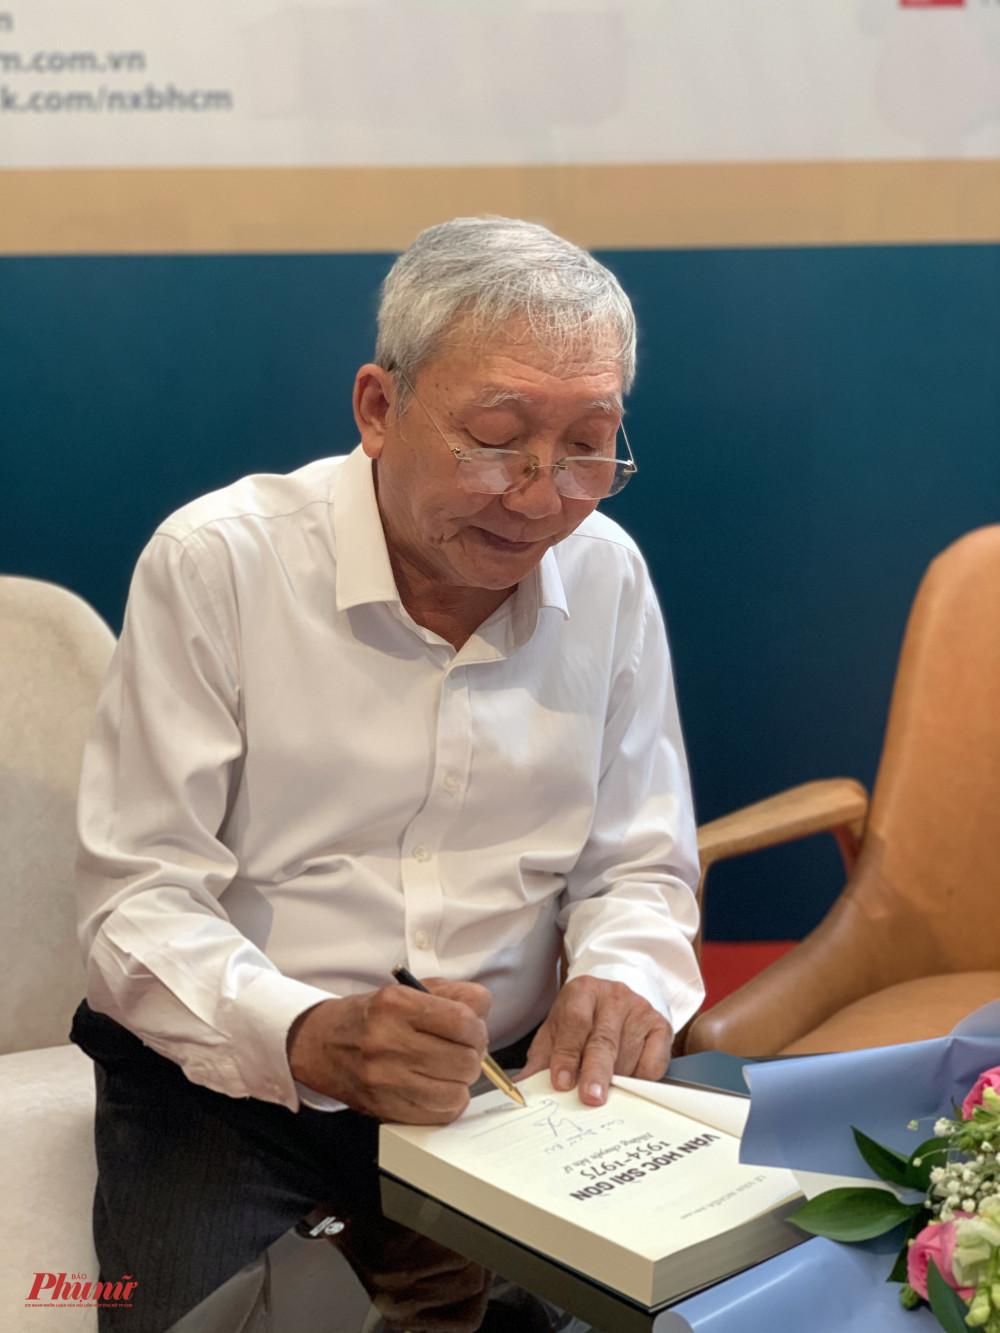 Nhà văn Lê Văn Nghĩa ký tặng sách cho độc giả vào chiều 31/10 tại Đường Sách TPHCM.